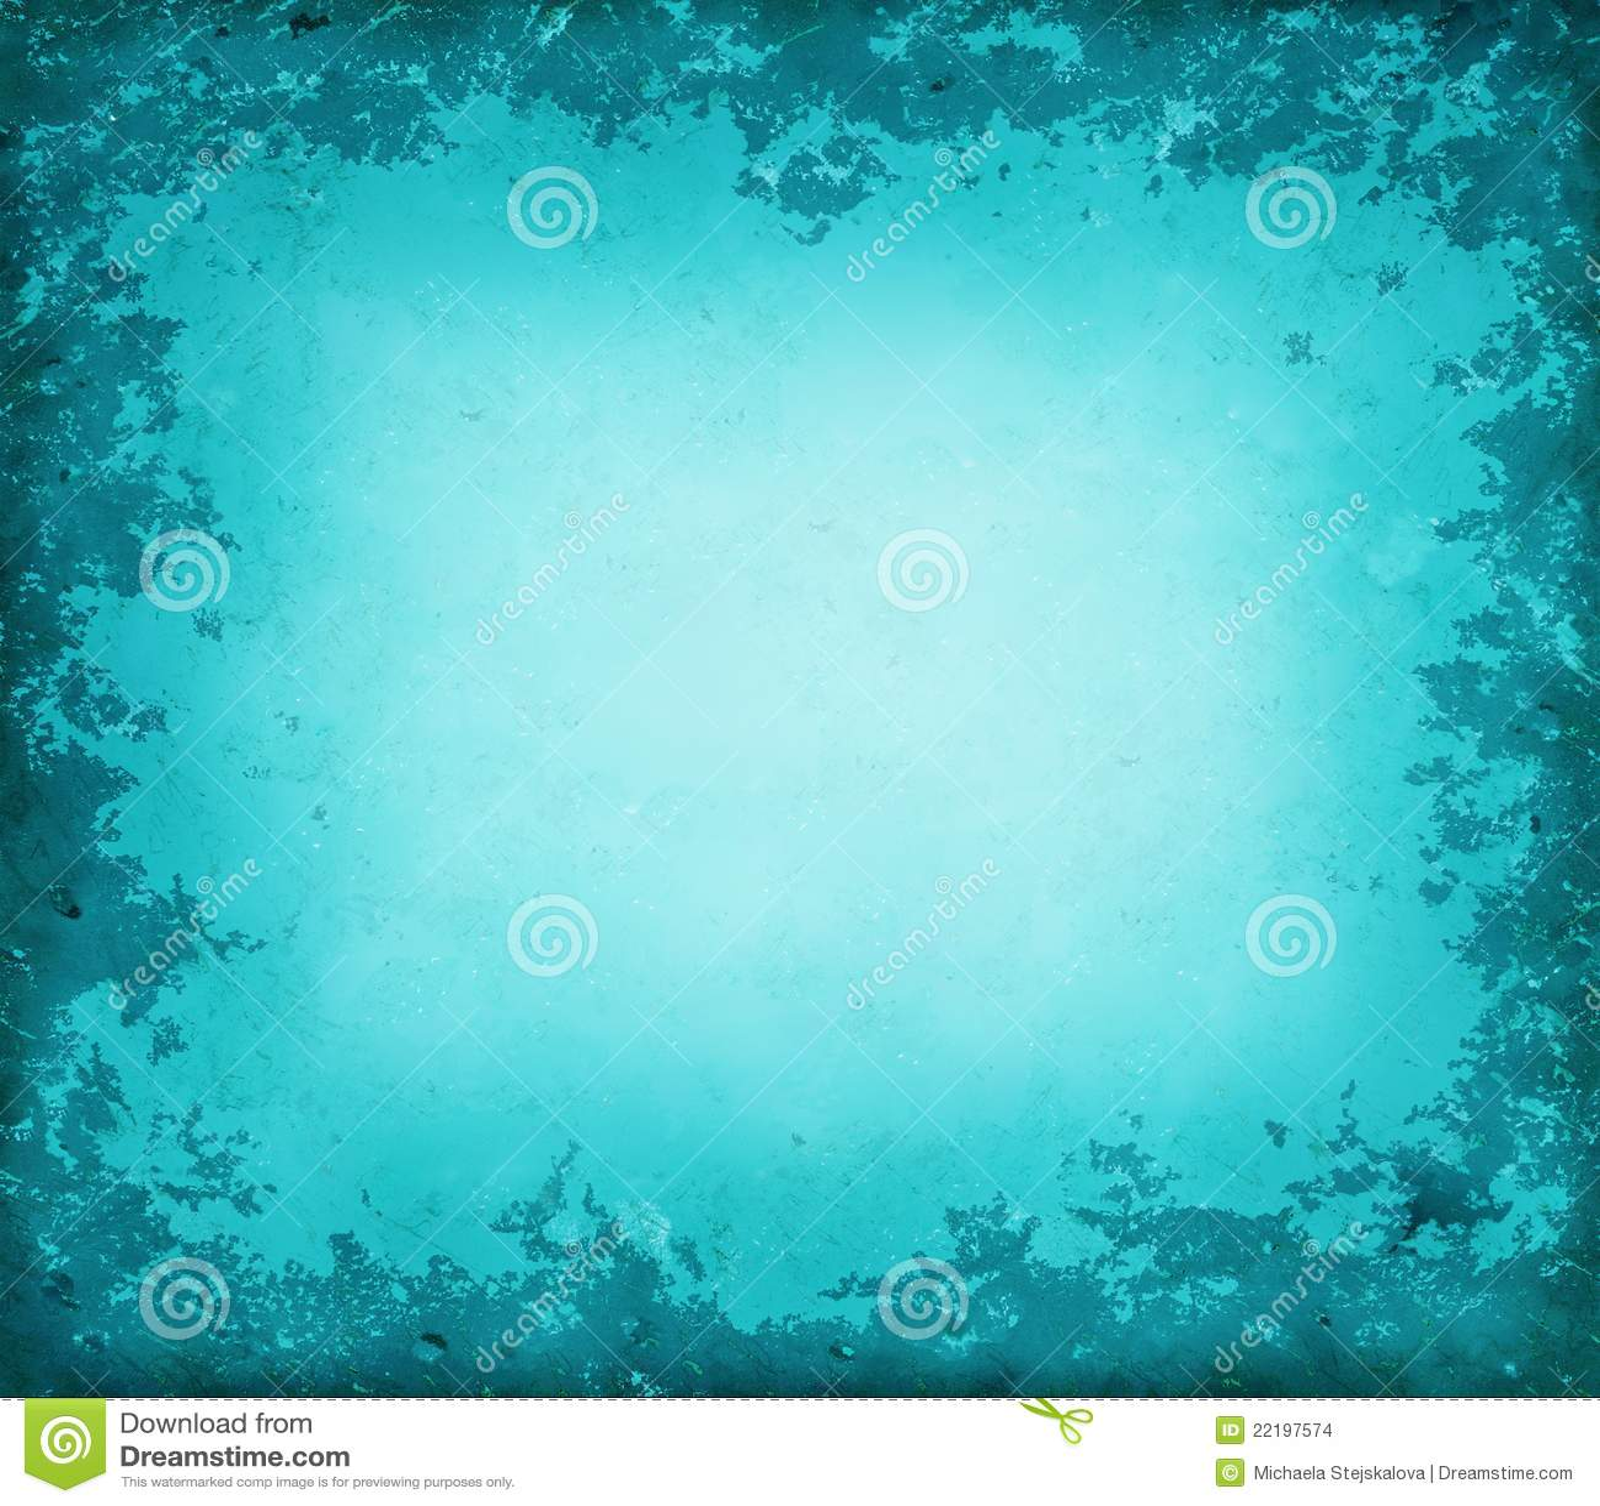 Blue Grunge Border Stock Images - Image: 22197574